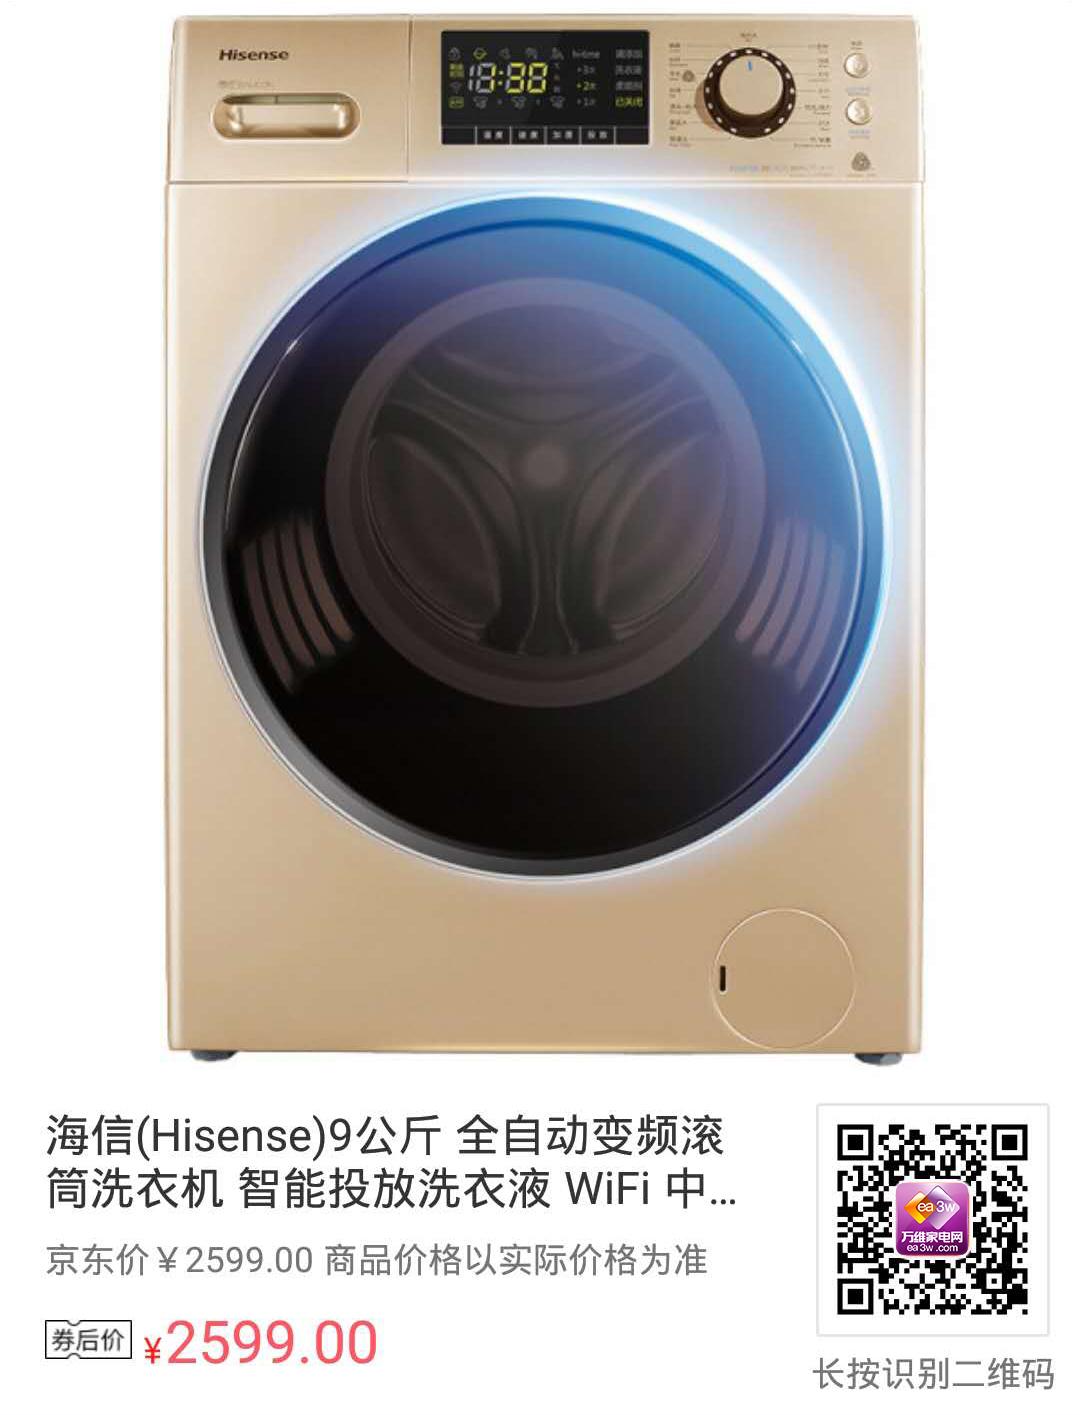 每日清单:五一大惠战,3000元买滚筒洗衣机如何选?